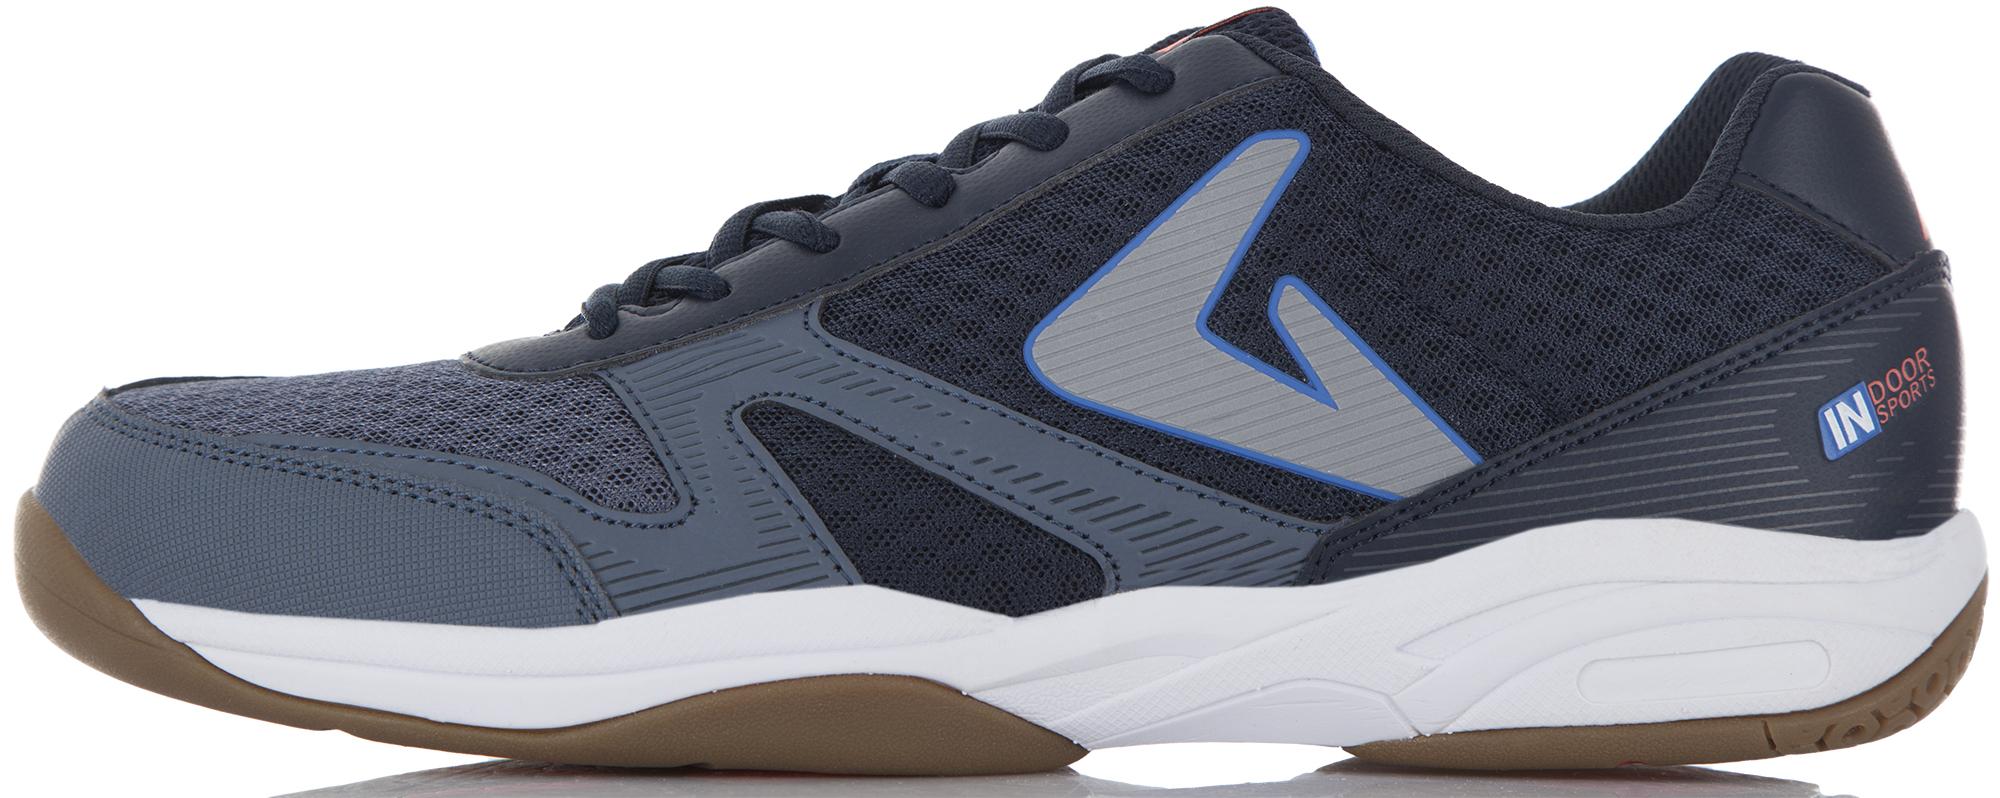 Demix Кроссовки мужские Demix D-Court 2, размер 40 кроссовки мужские adidas all court цвет белый bb9926 размер 7 39